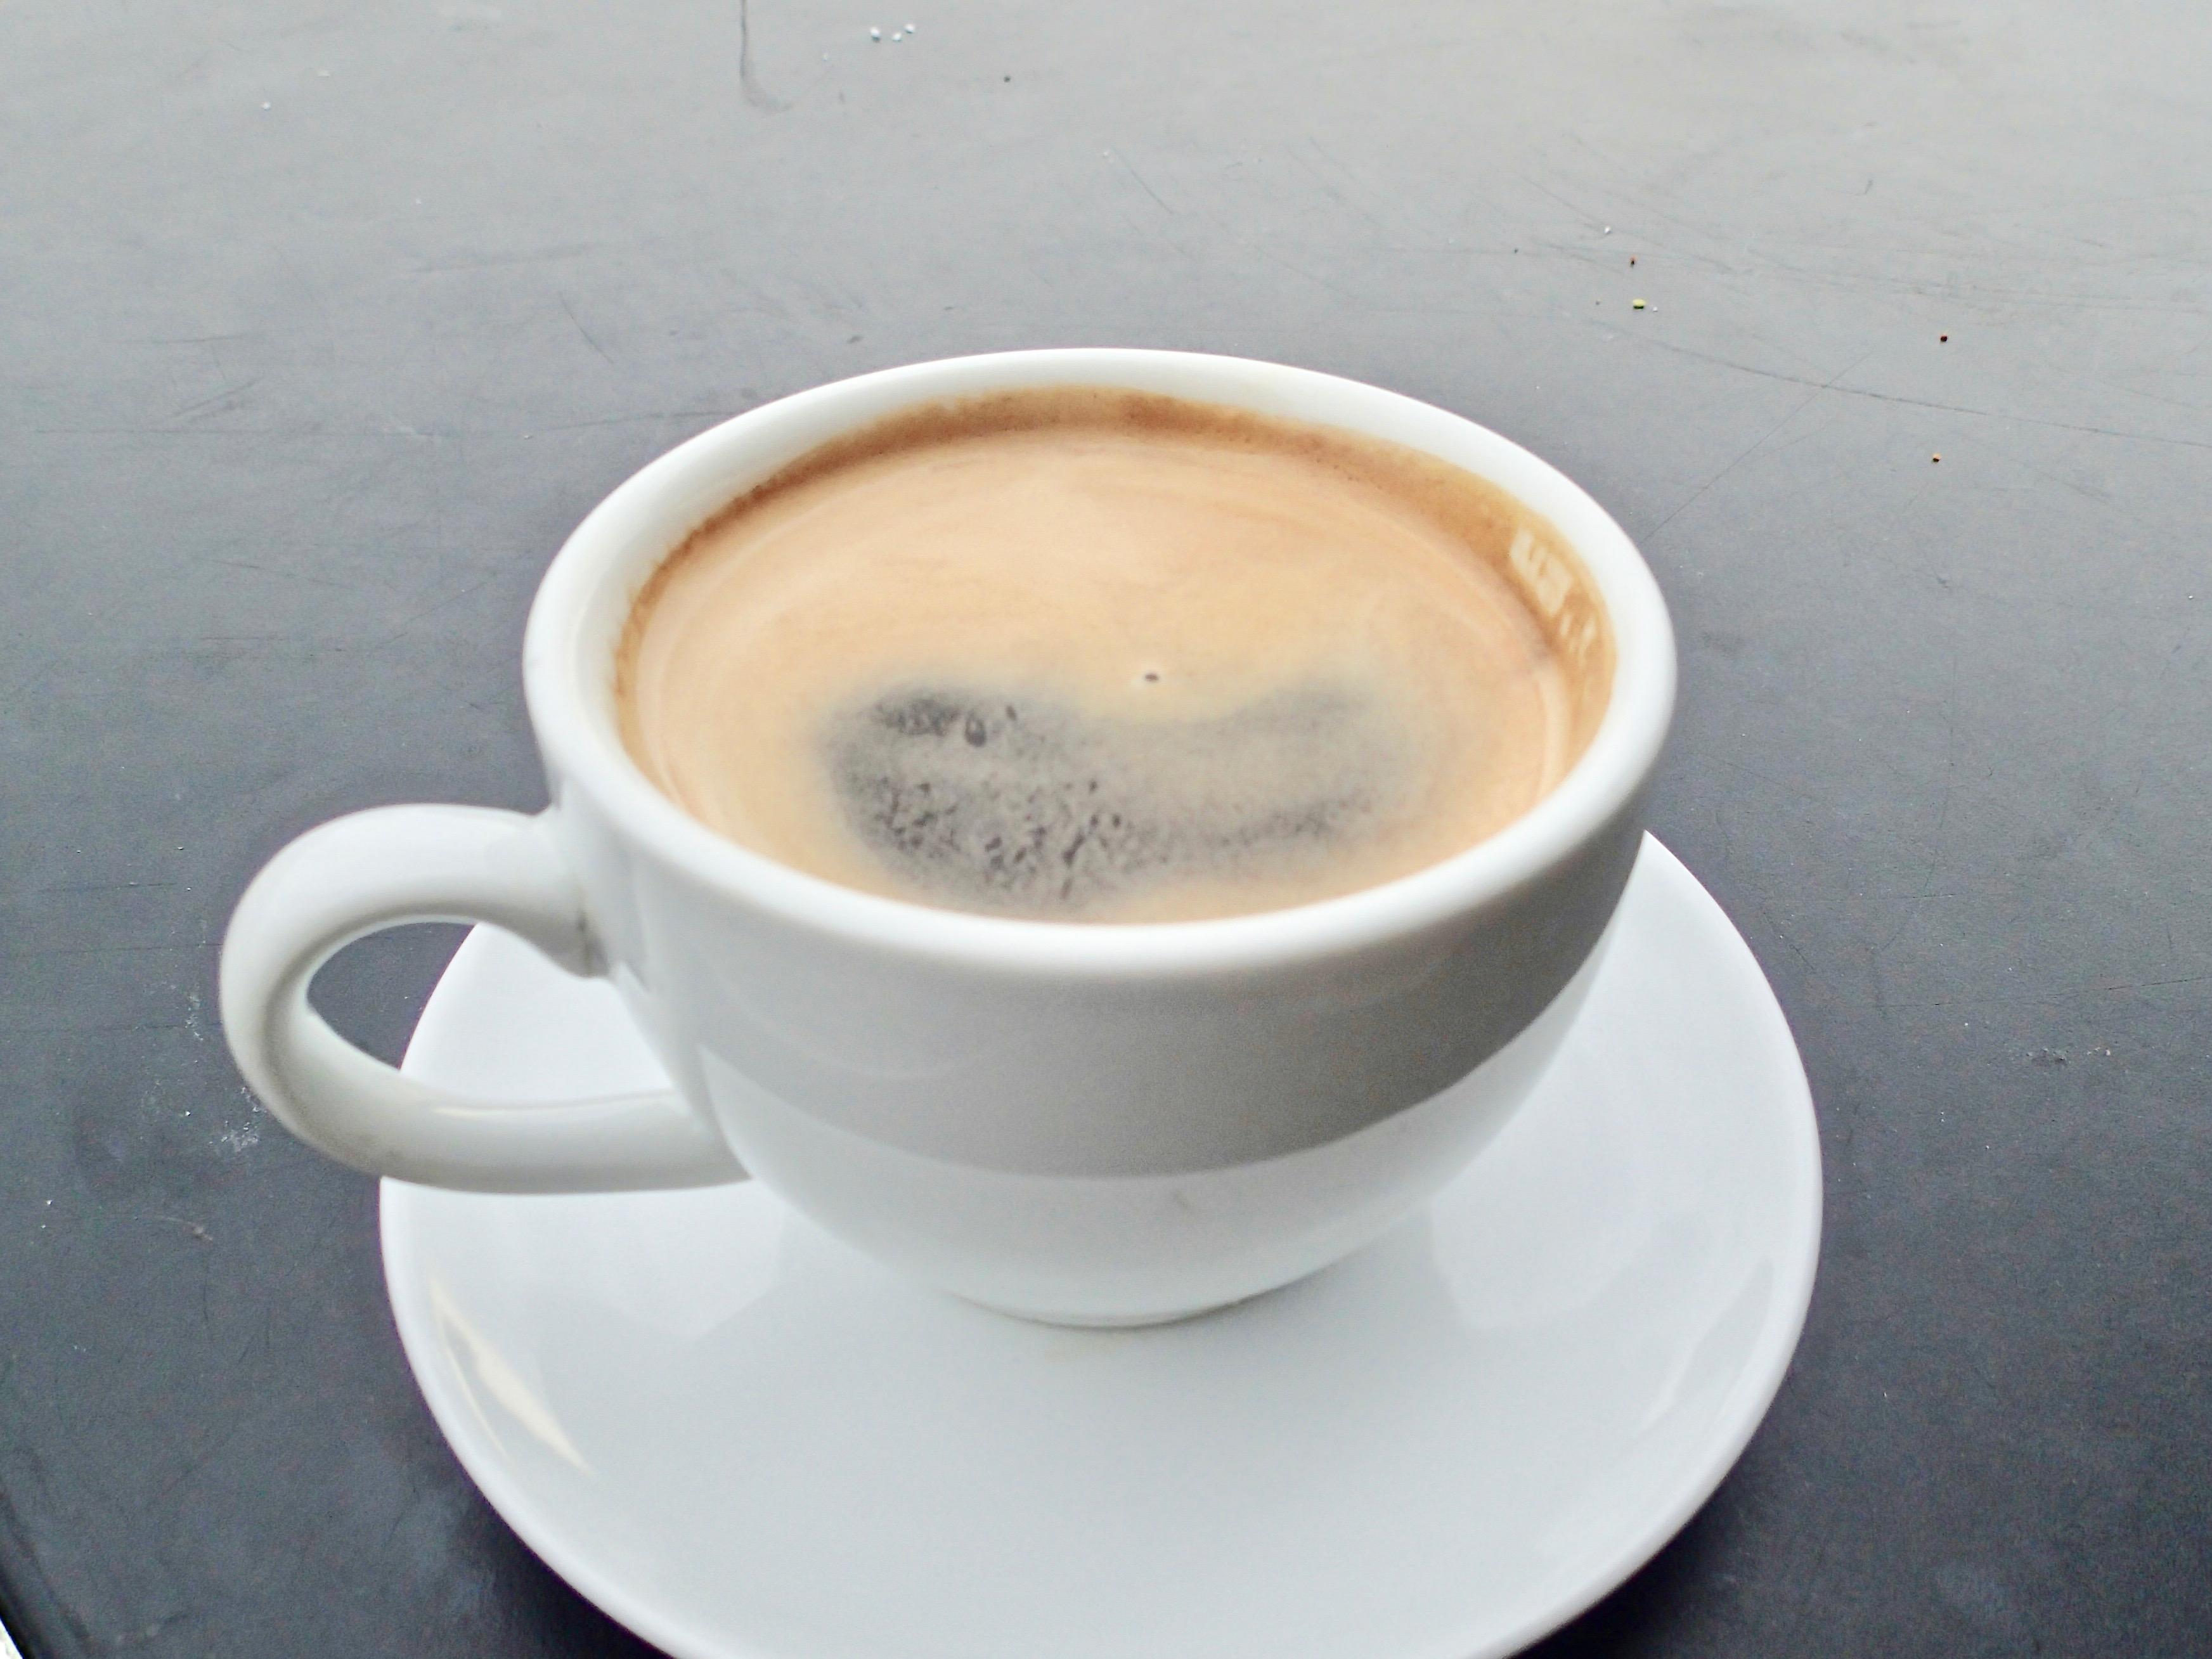 Café Øieblikket outside4